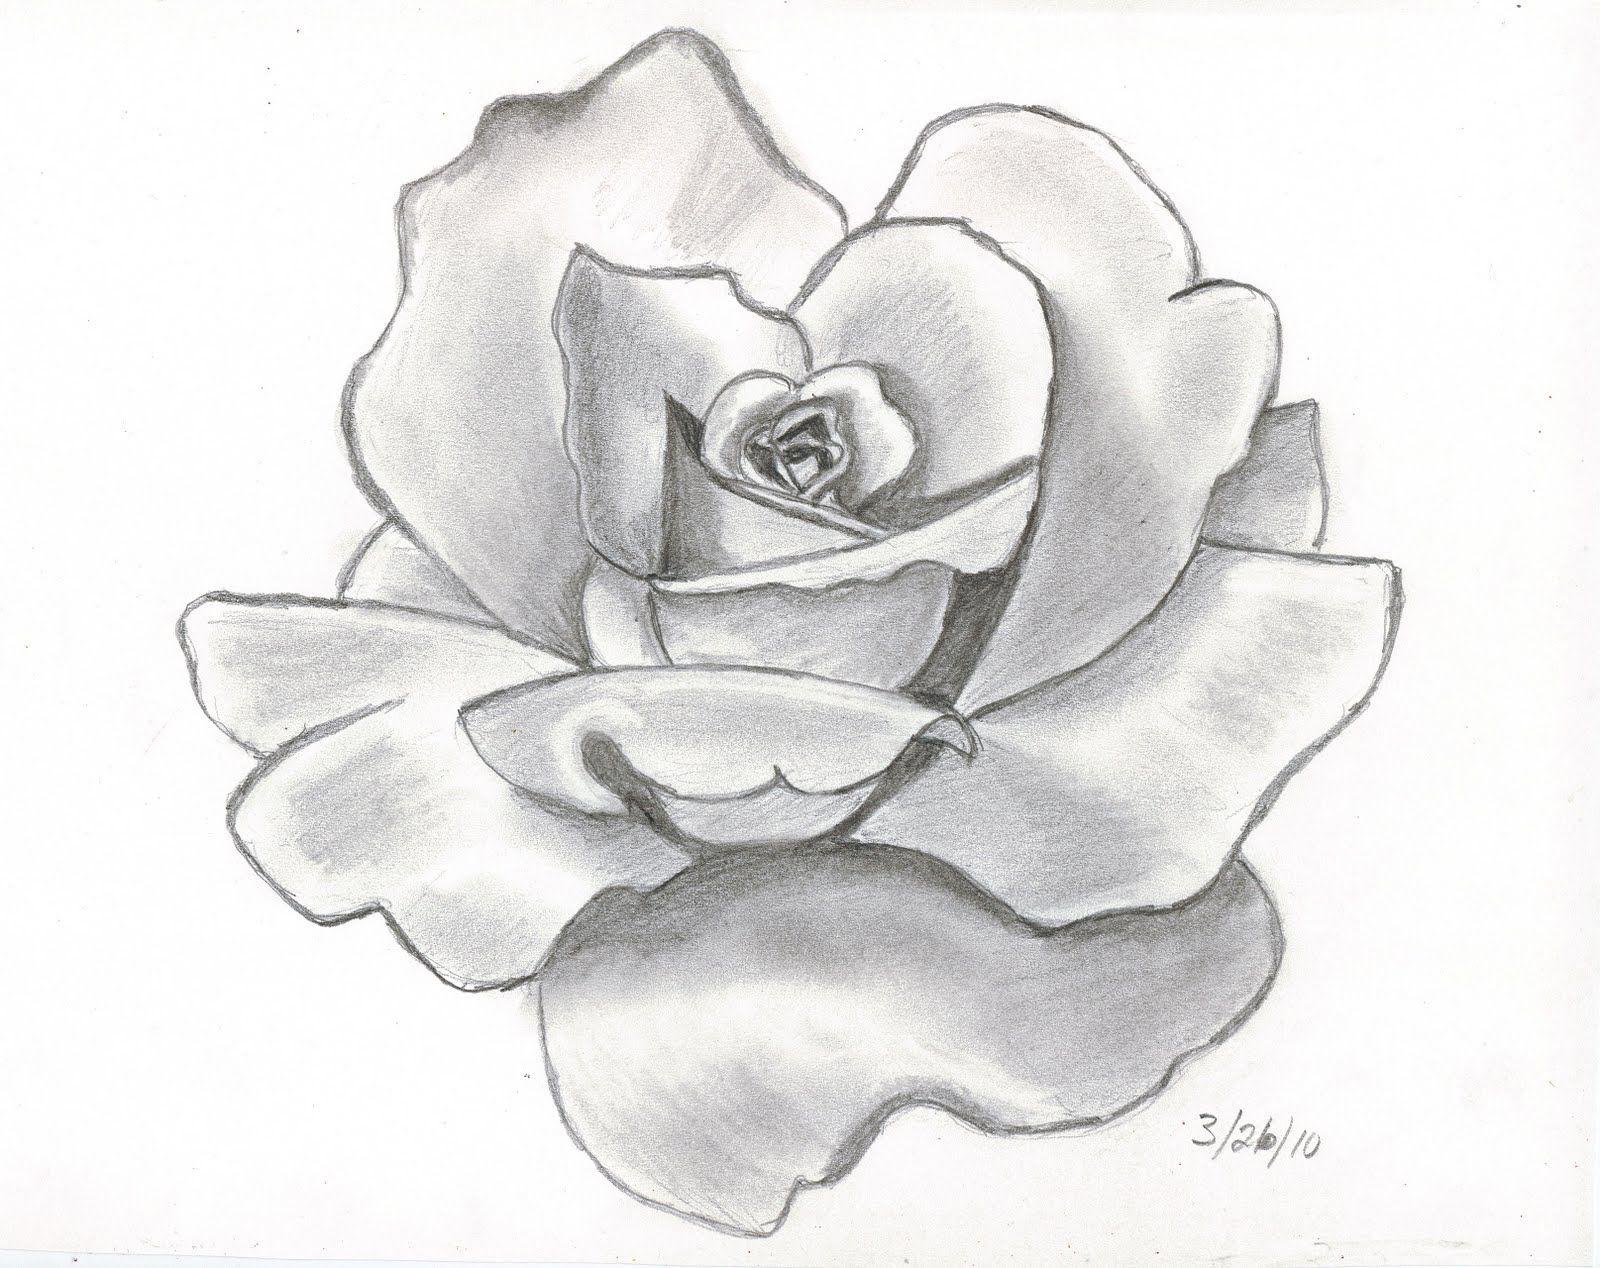 Ảnh hoa hồng được vẽ bằng bút chì đẹp nhất